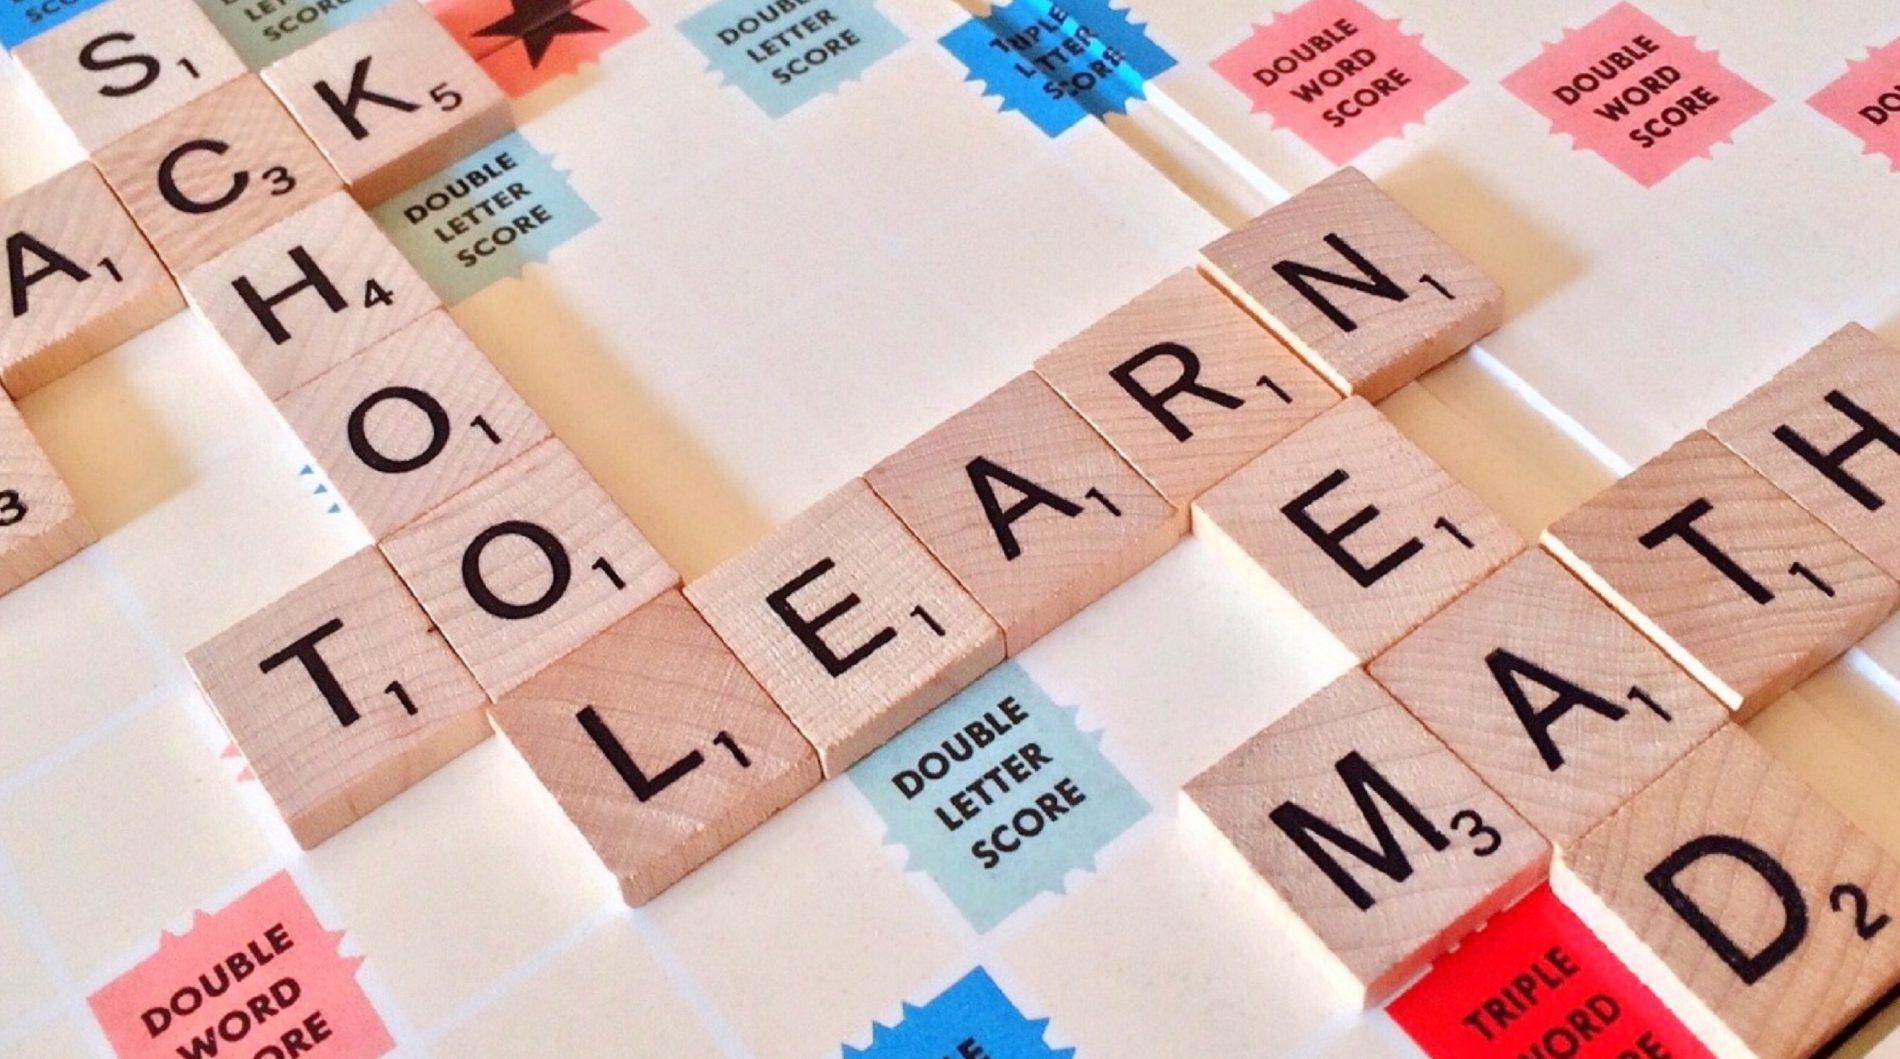 Apprendimento dell'inglese per bambini, quando cominciare